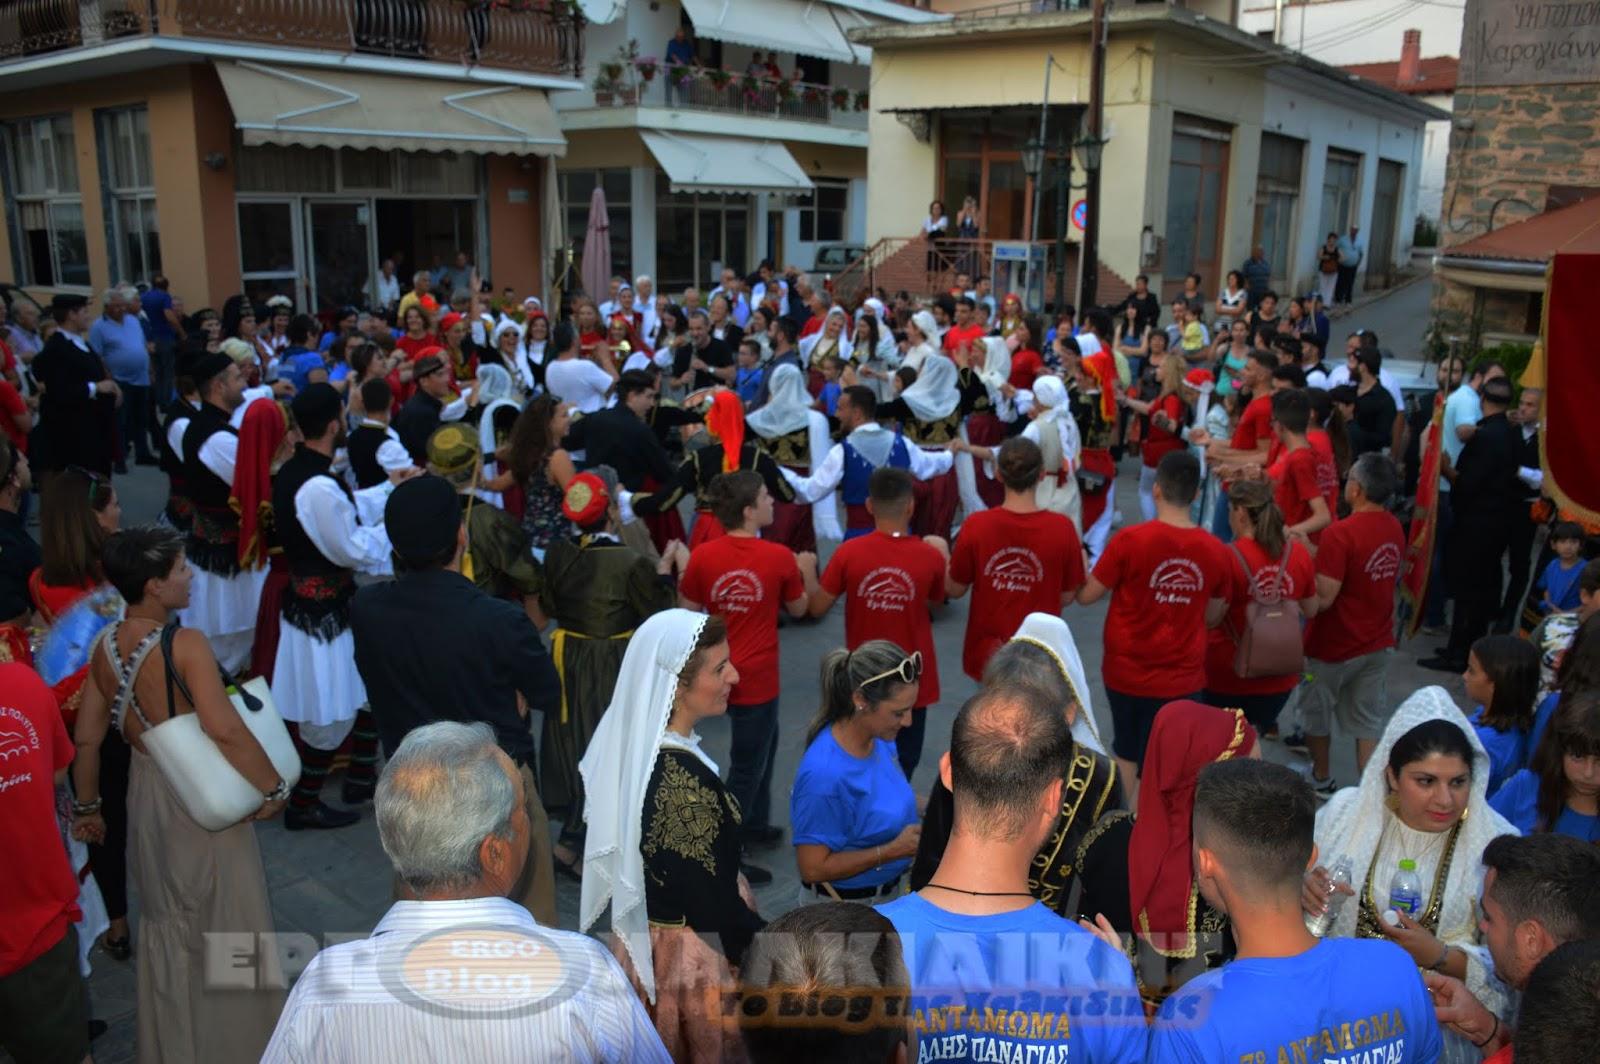 7ο Αντάμωμα Χορευτικών Συλλόγων Μακεδονίας - Κρήτης (φωτορεπορτάζ)